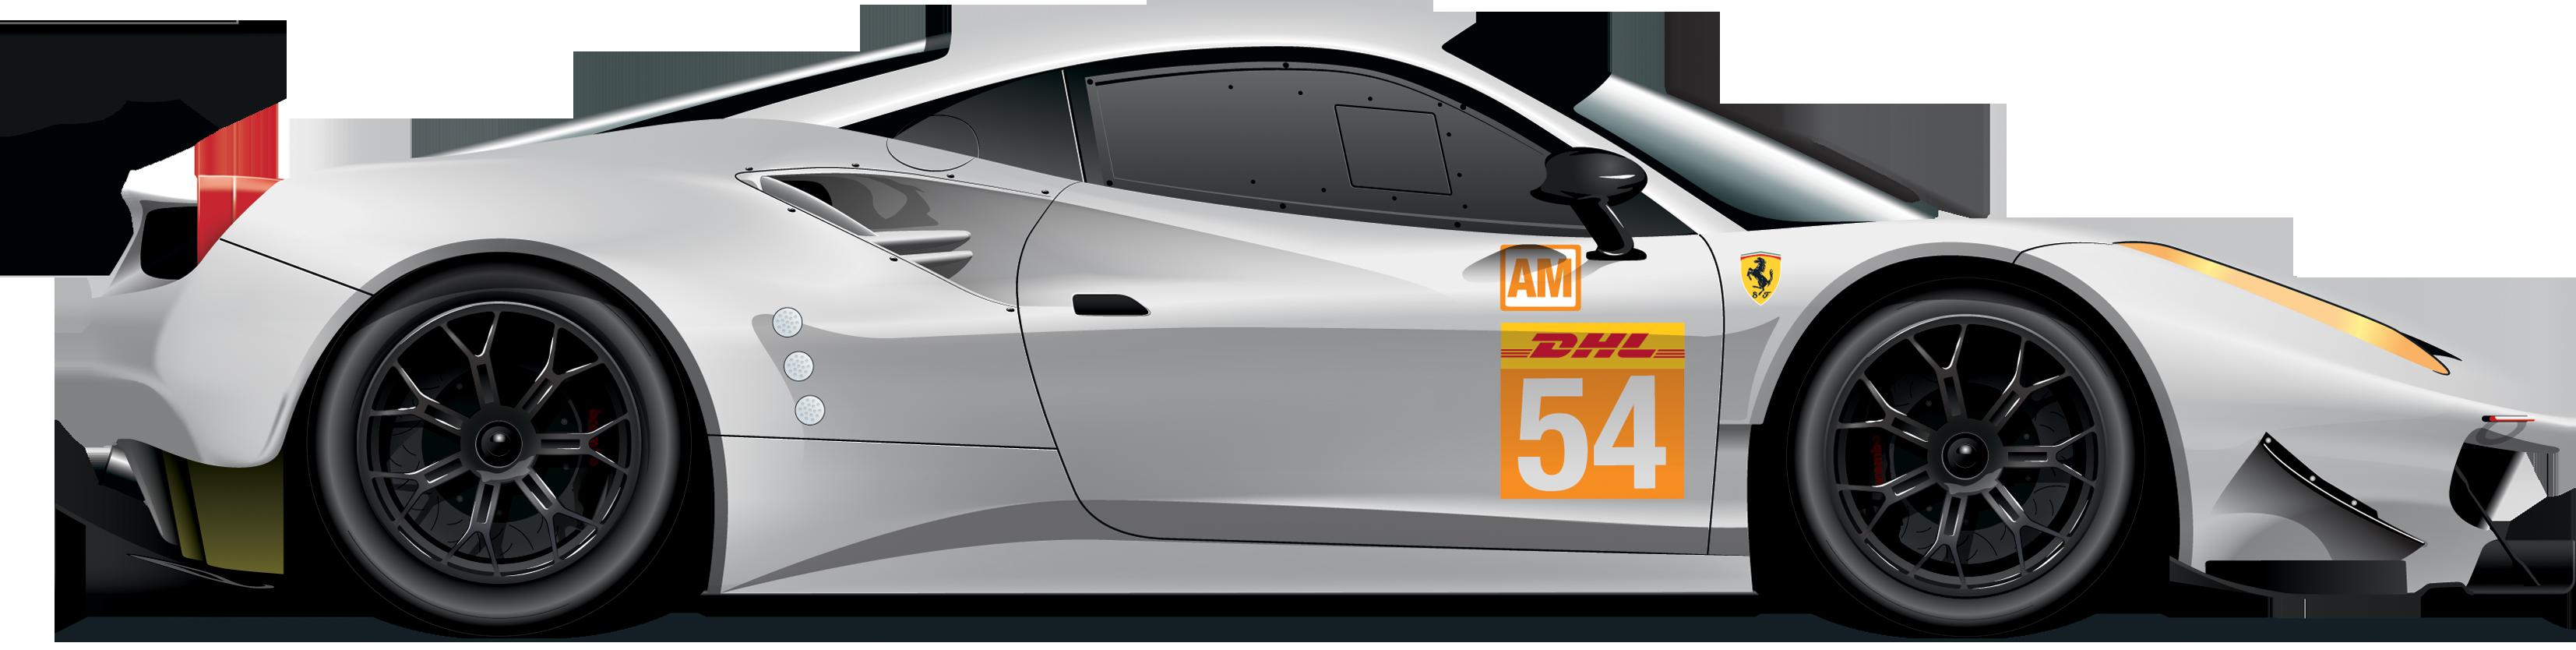 Ferarri clipart racing car Download PNG Car 488 free